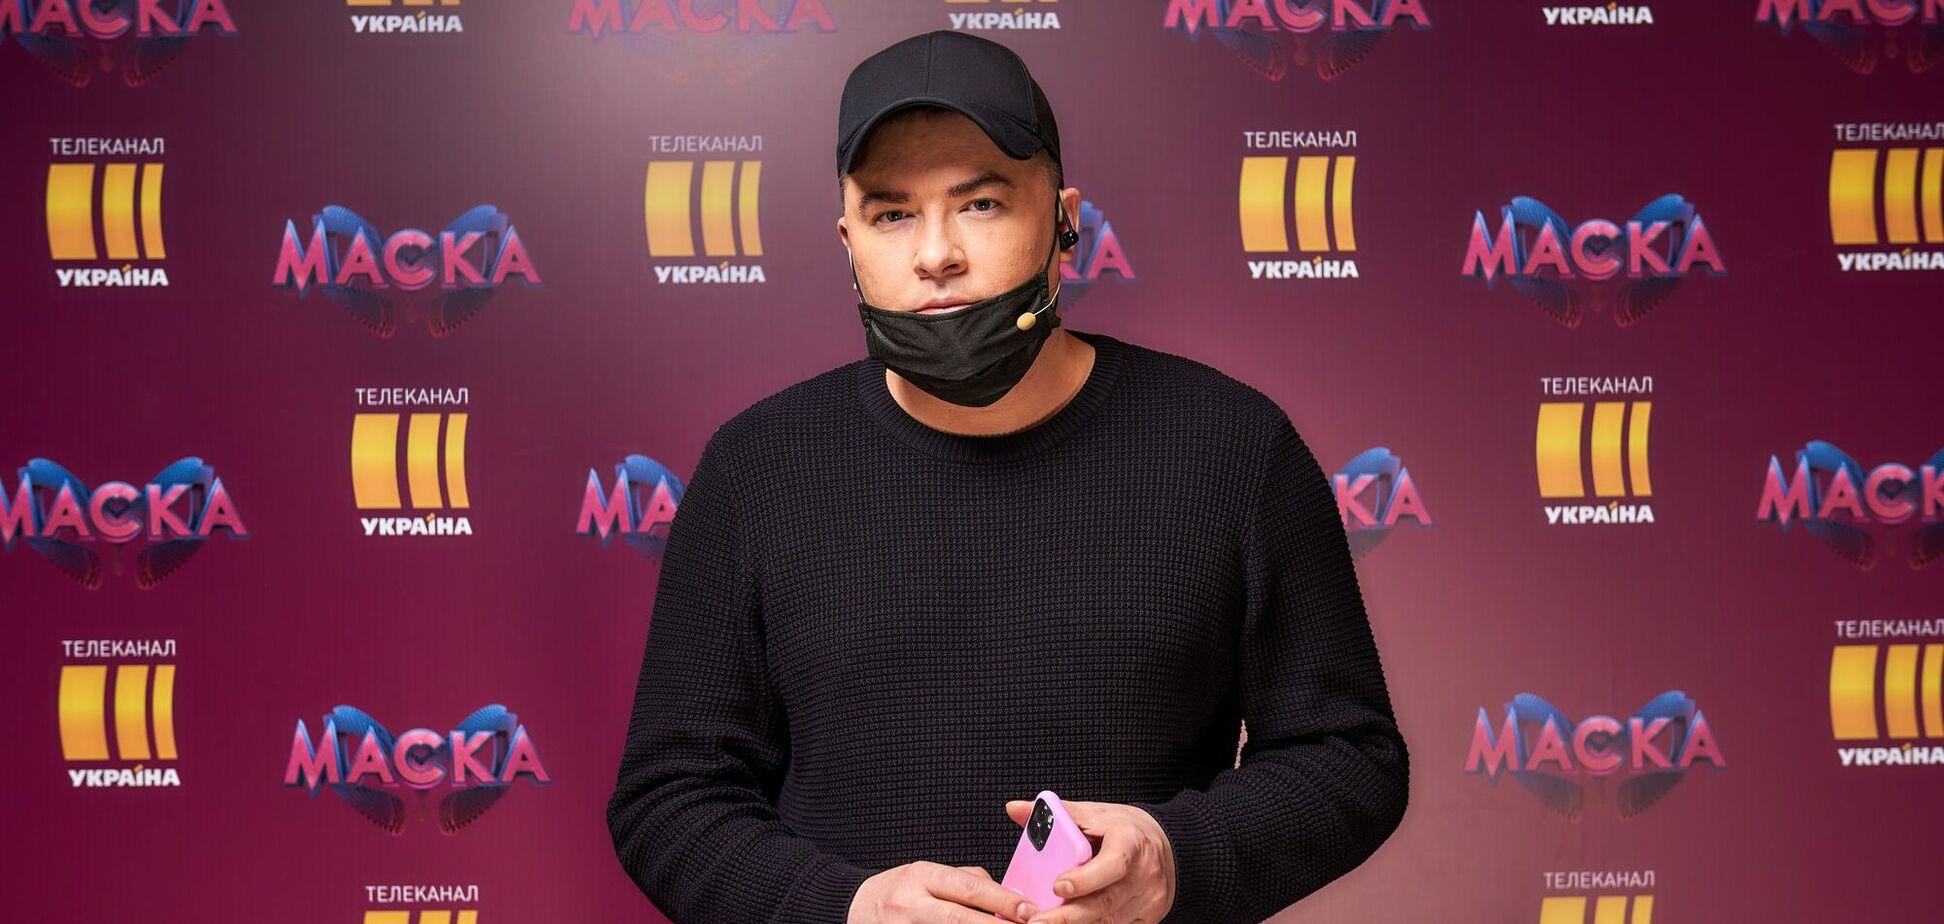 Данилко заявил, что разденется догола и станцует на сцене шоу 'Маска'